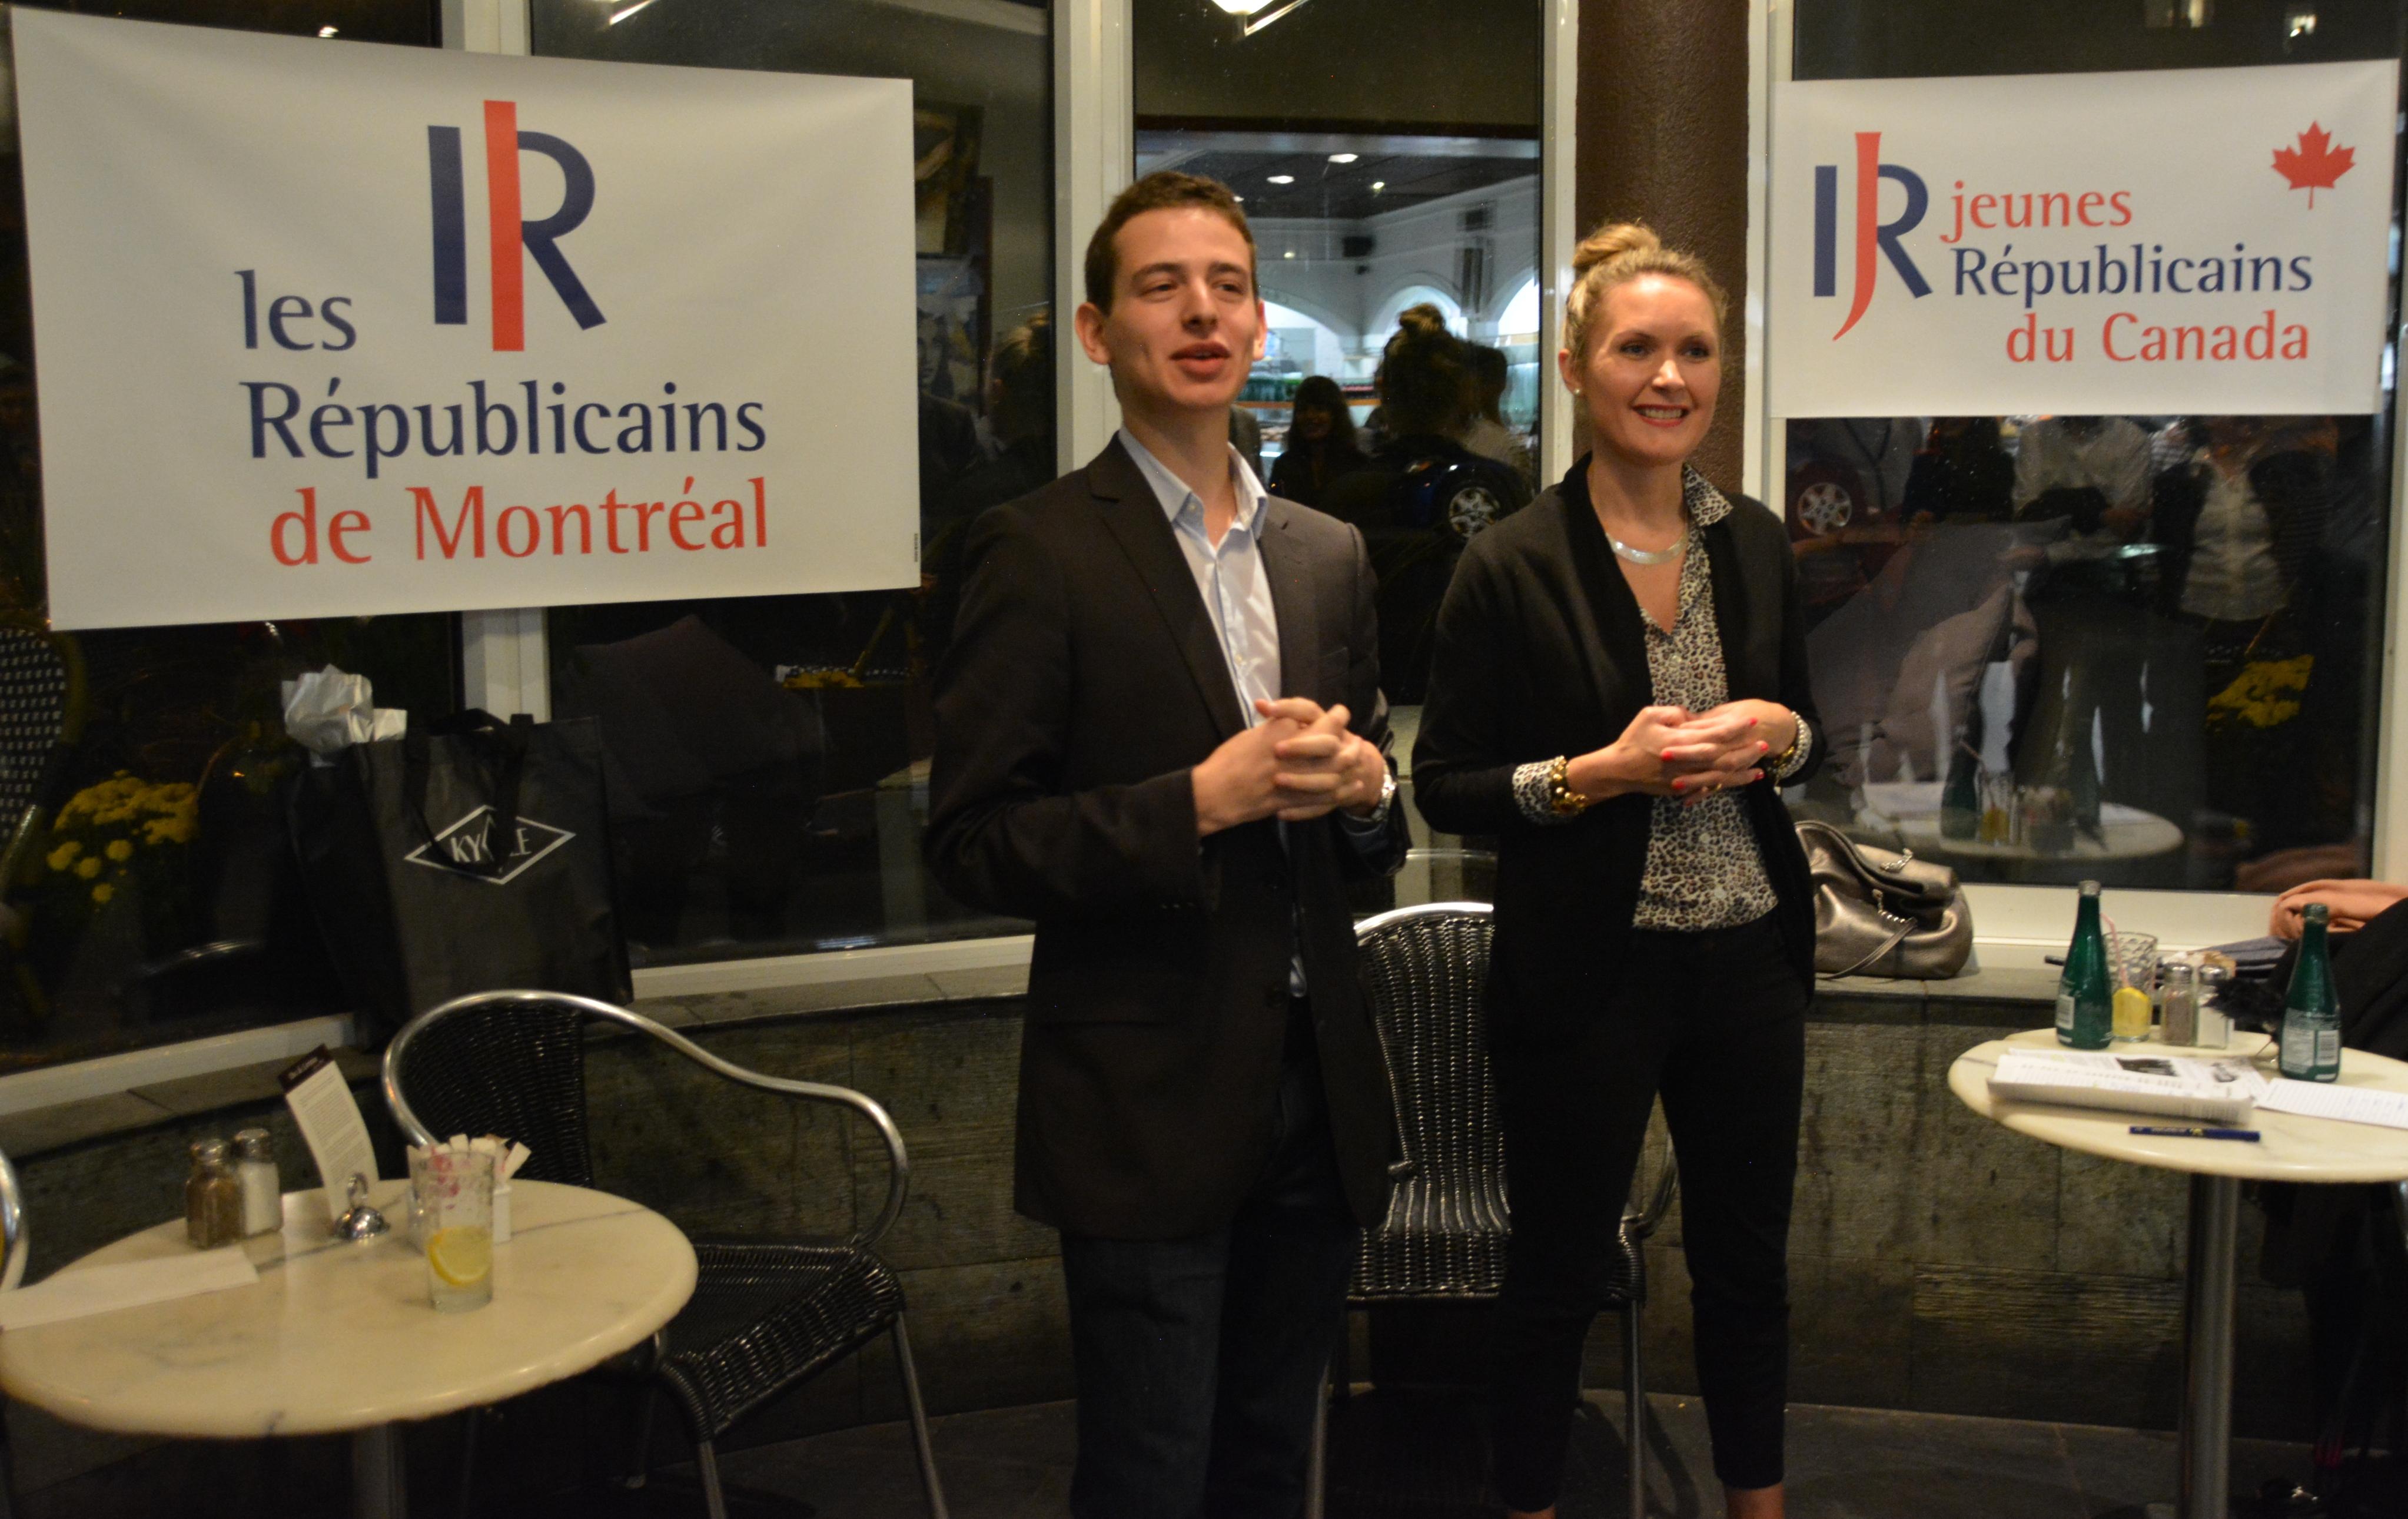 La rentrée des Républicains de Montréal, une réunion animée et pleine de nouveautés